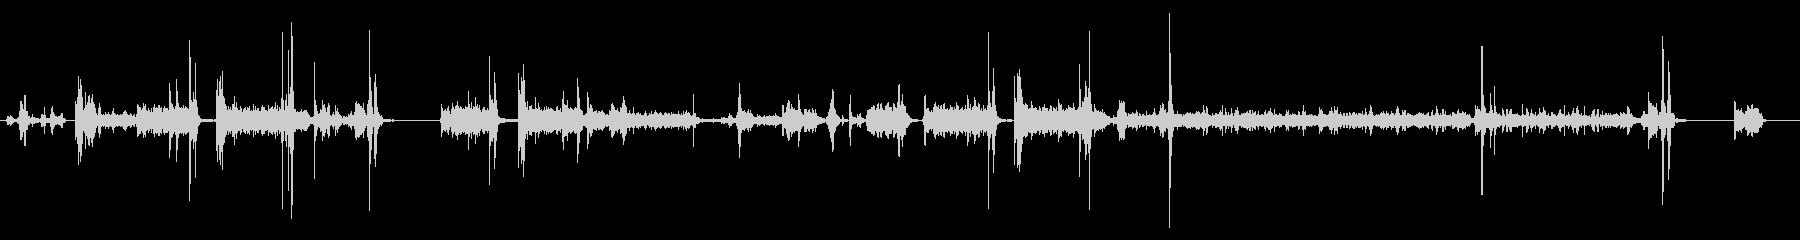 プリンター02-07(クリーニング)の未再生の波形